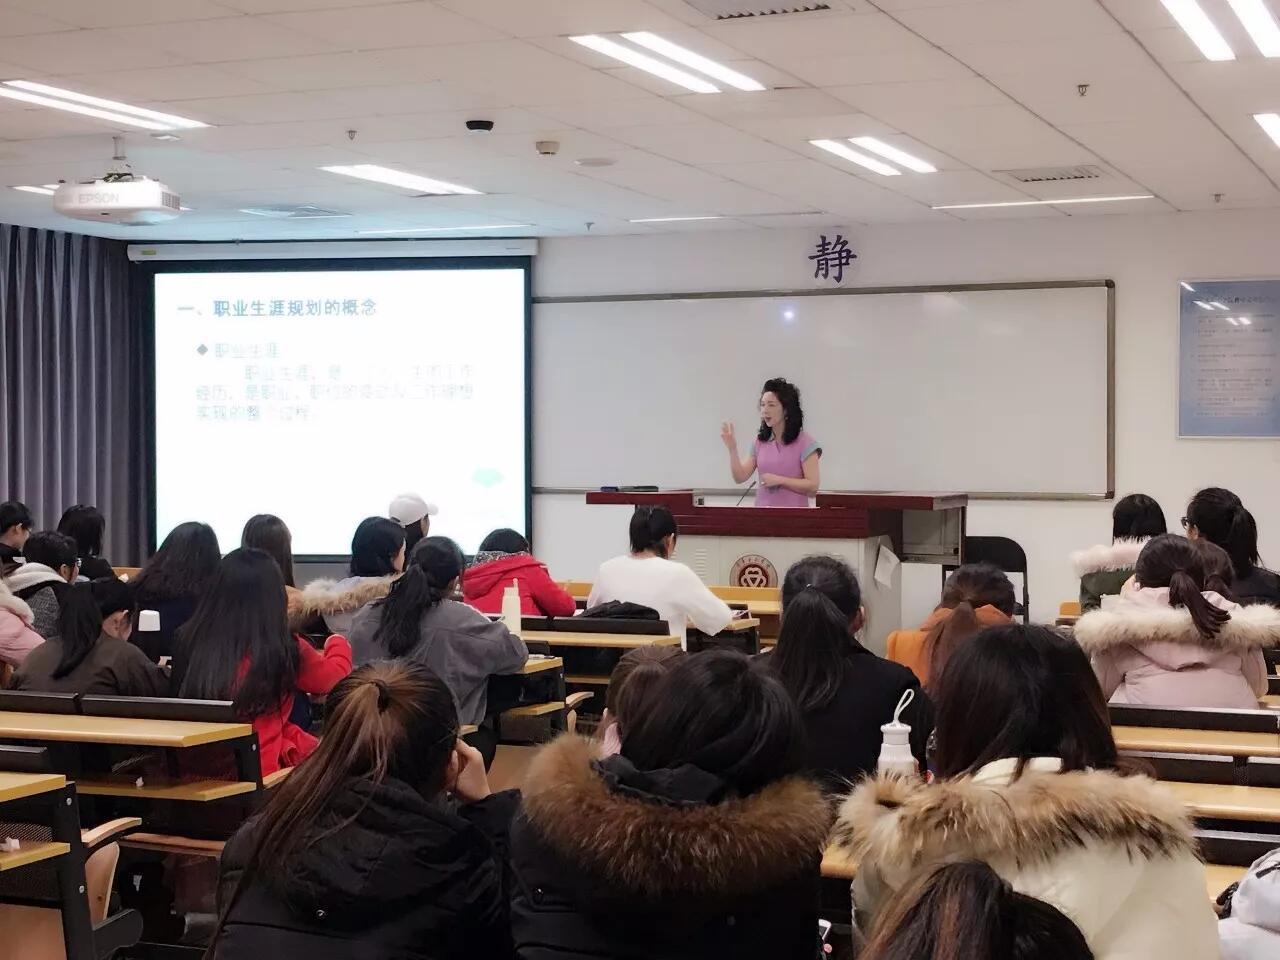 唯美度董事长晨光在中华女子学院精彩分享